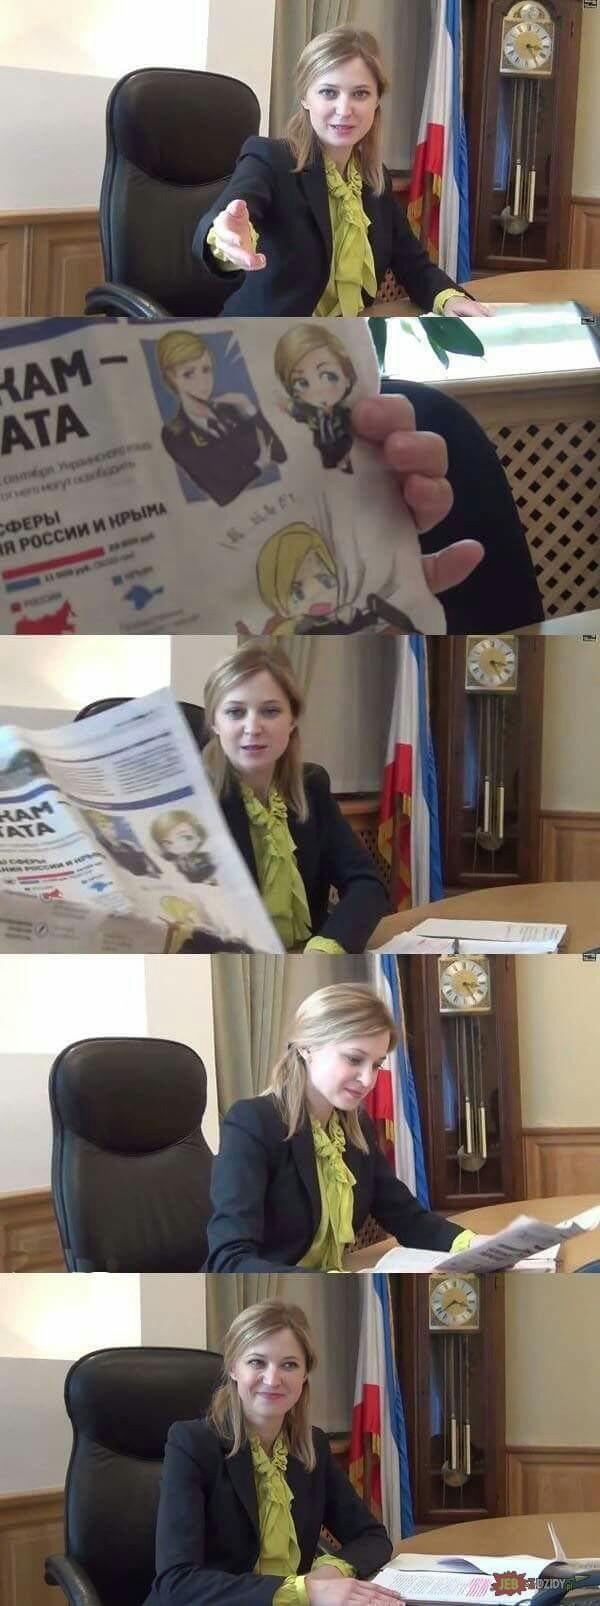 Natalia Vladímirovna Poklónskaia - meme